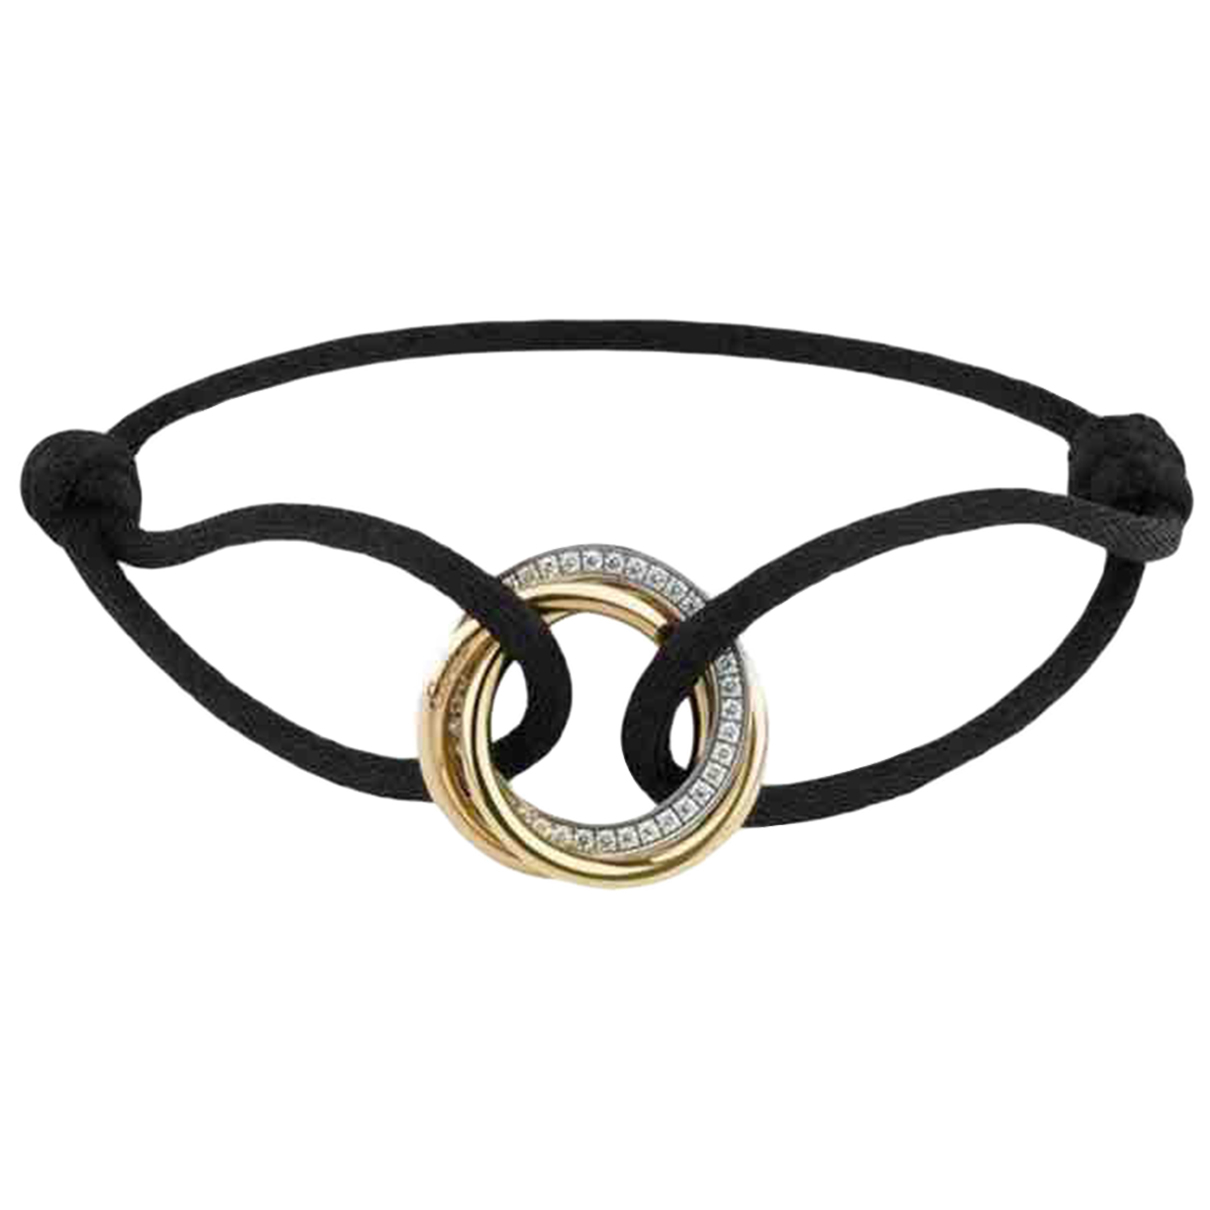 Cartier - Bracelet Trinity pour femme en or jaune - dore